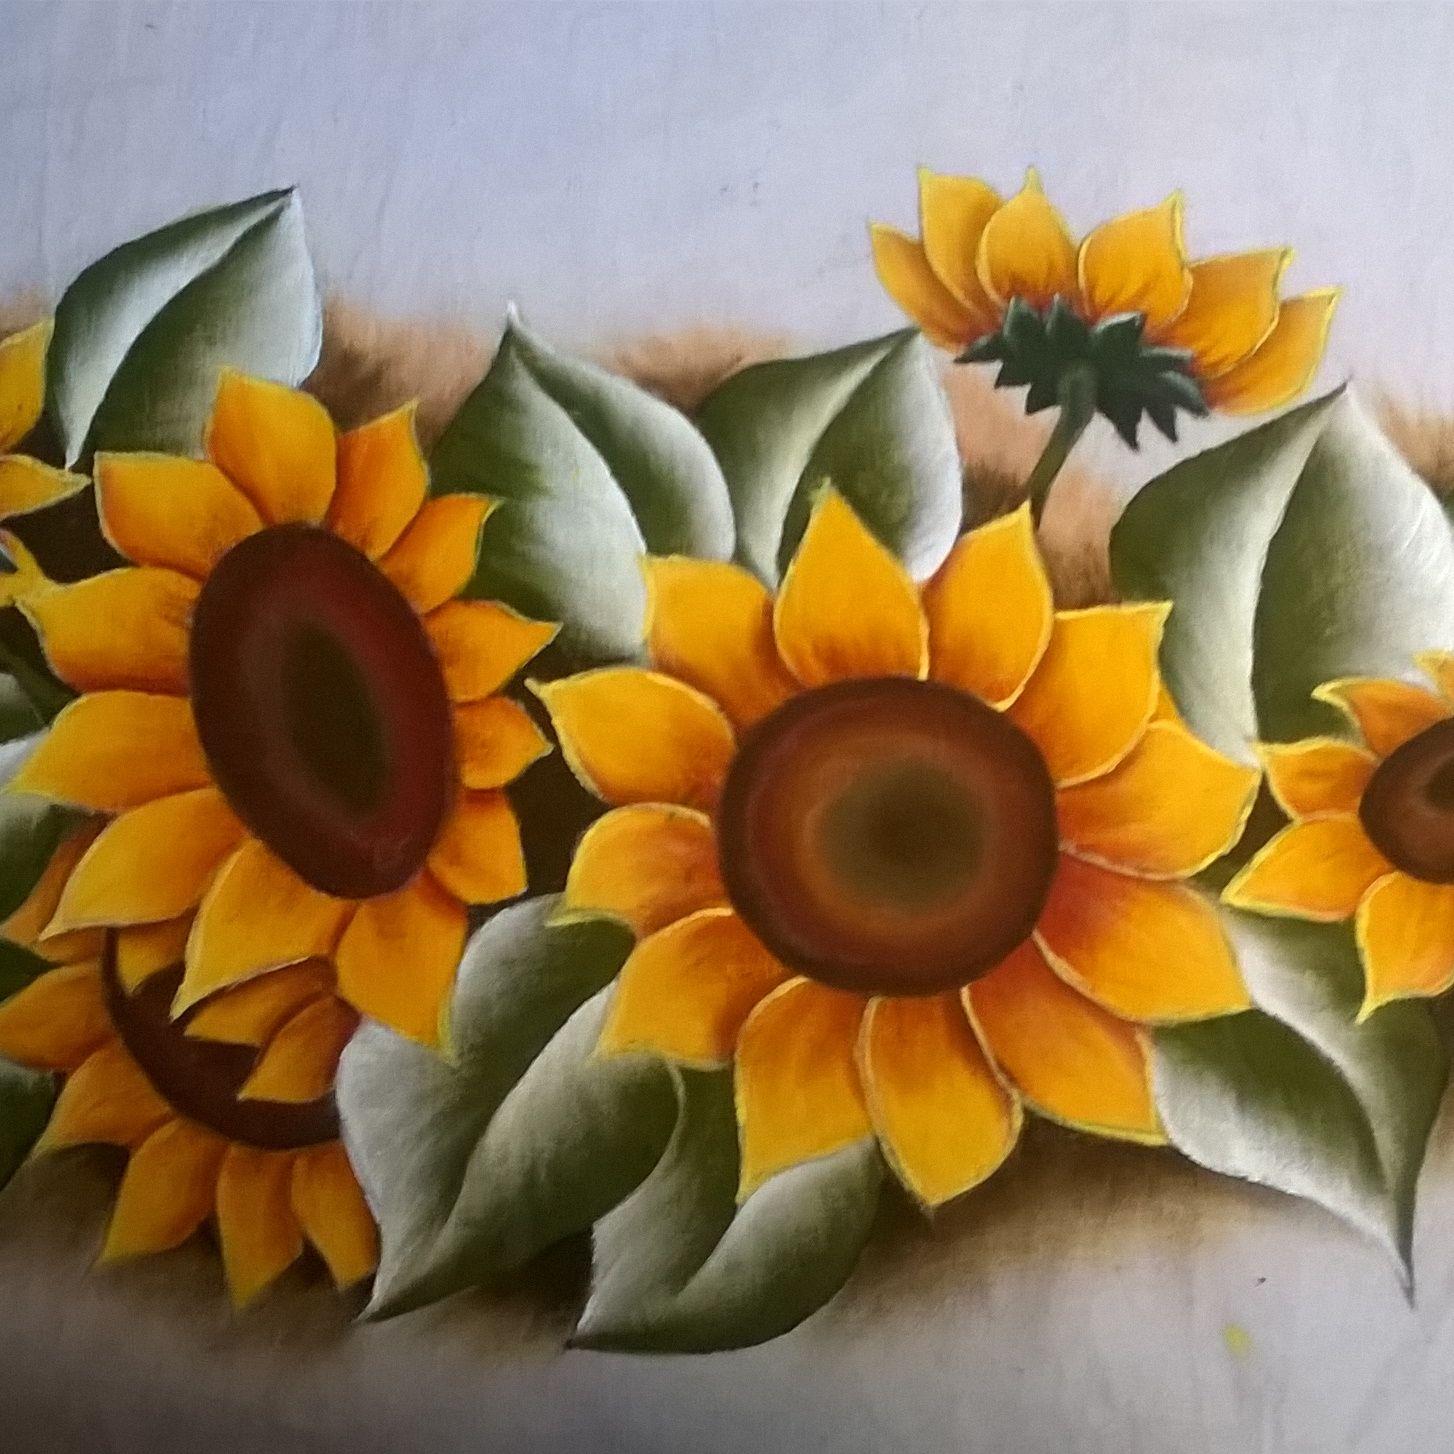 Aparador De Acrilico Transparente ~ Pintura em tecido girassóis pinturas Pinterest Girassóis, Pintura em tecido e Tecido